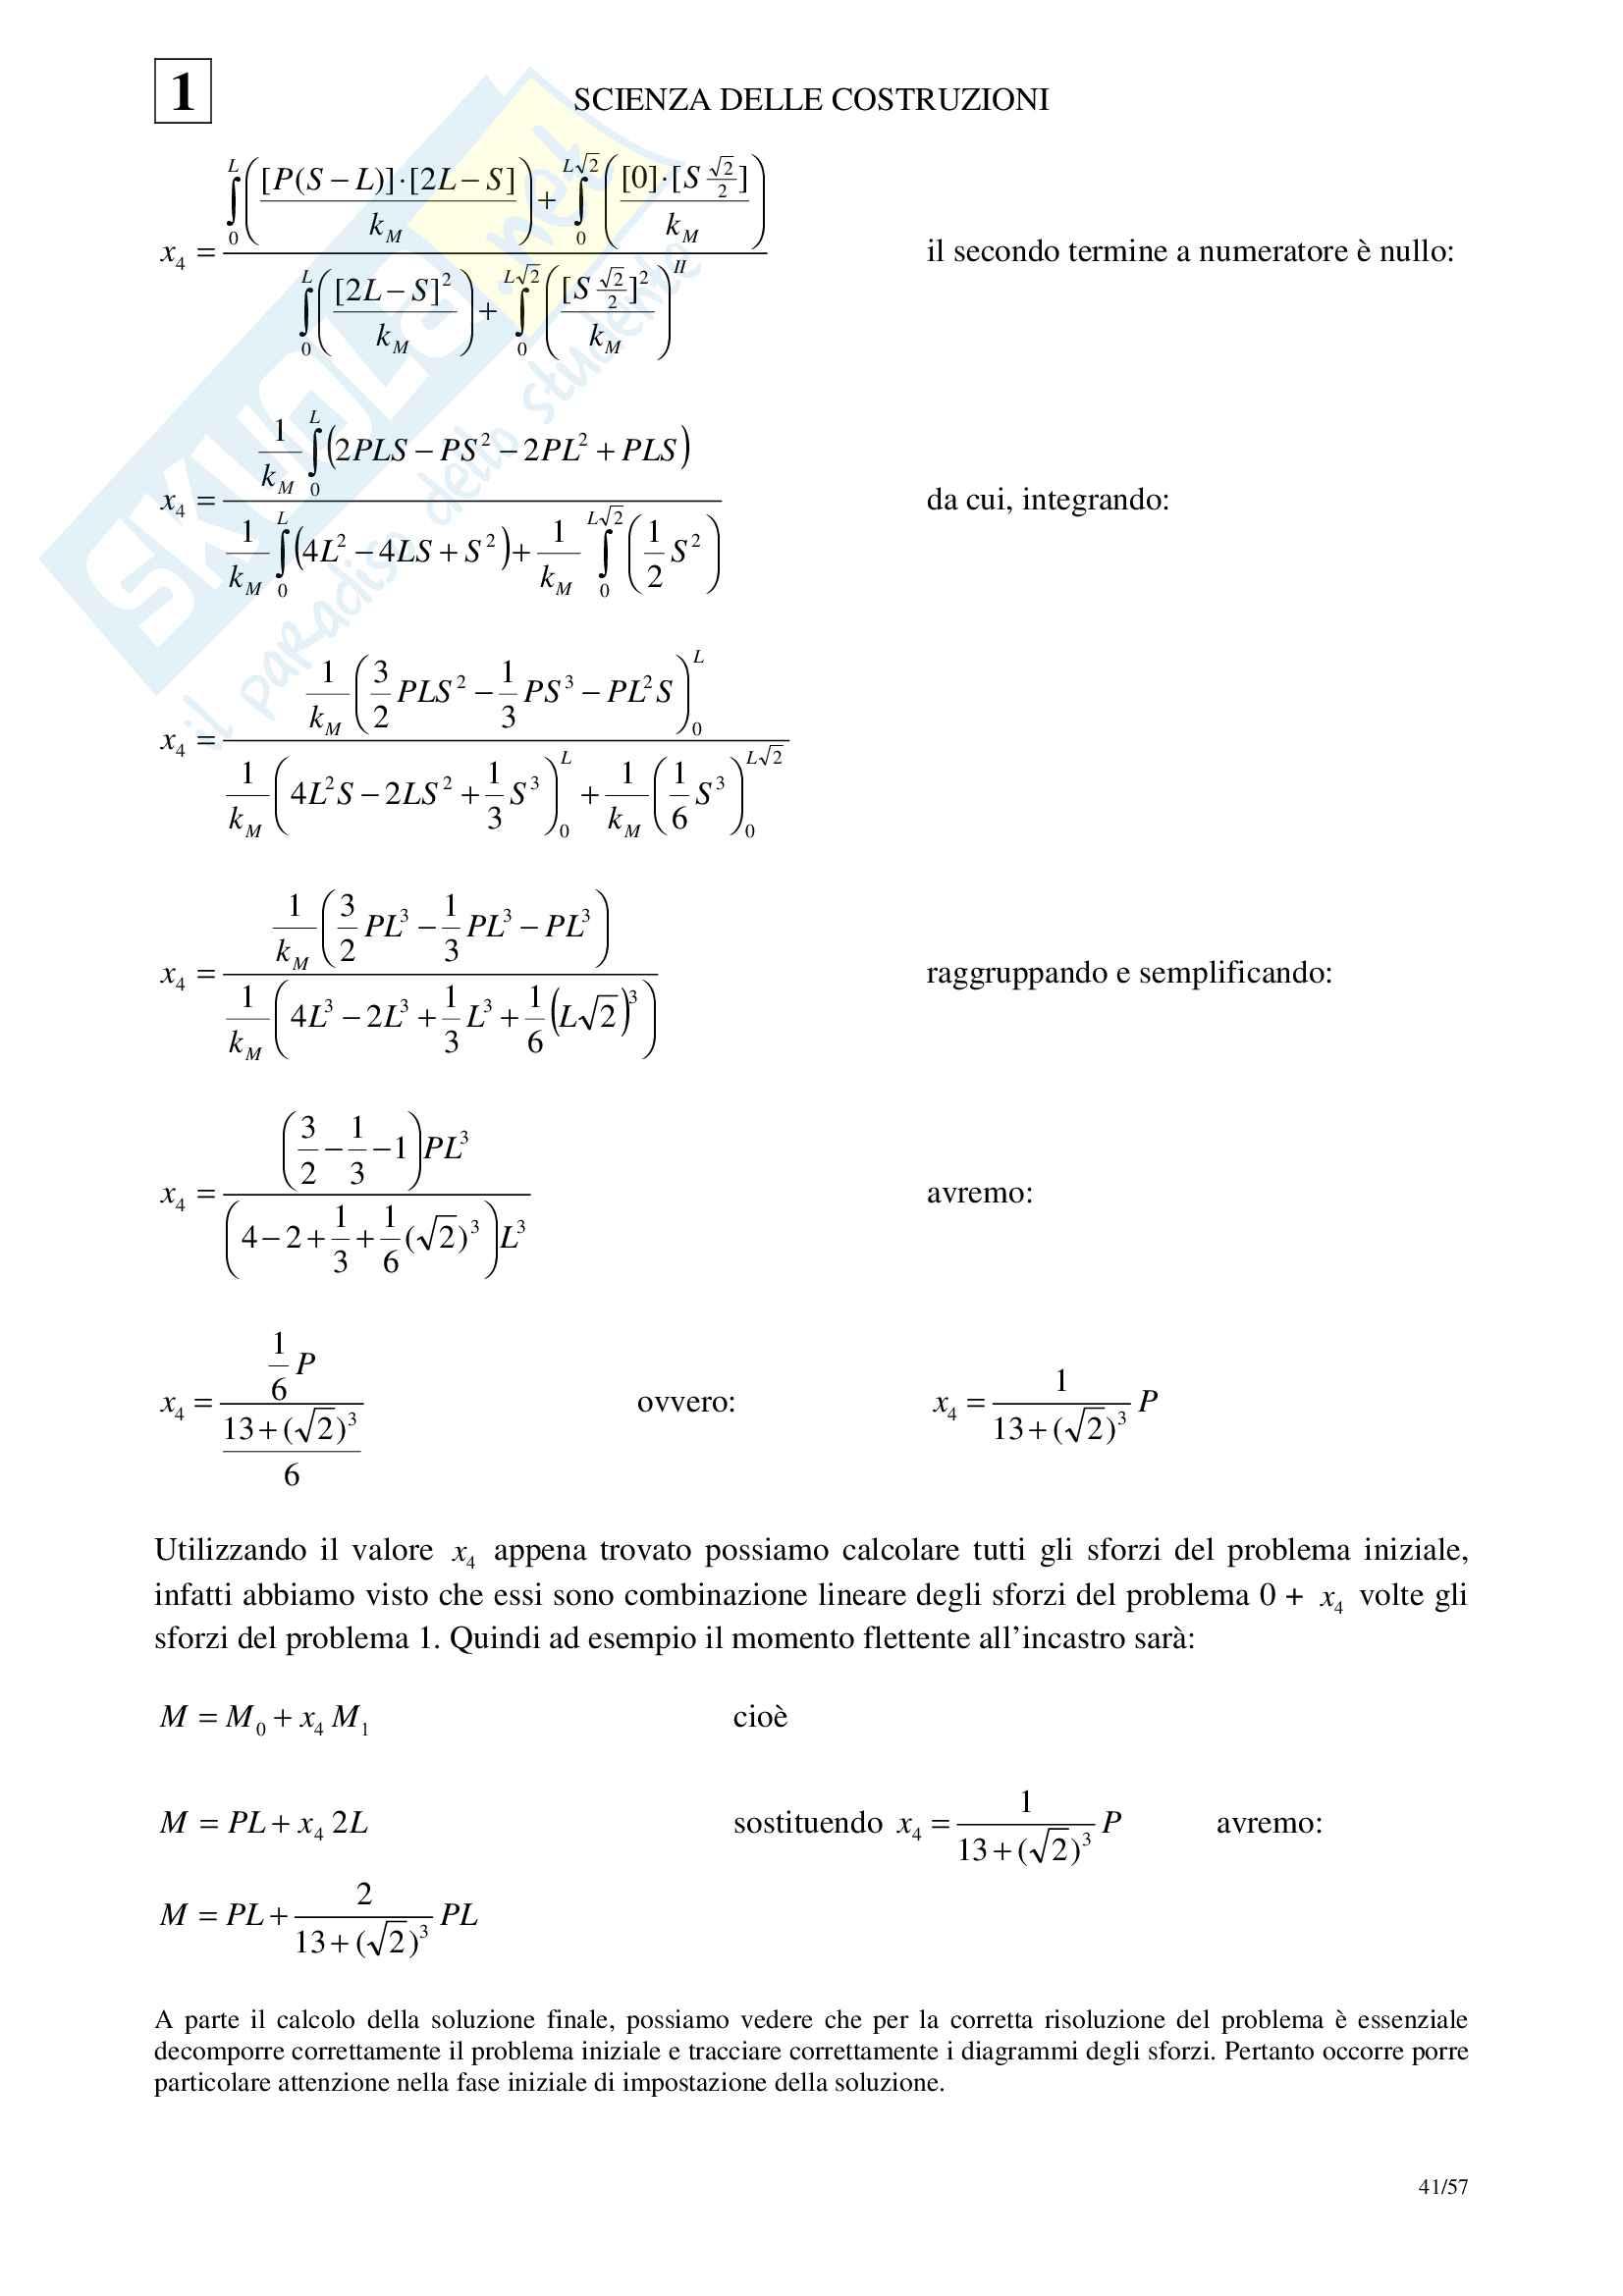 01 Scienza delle Costruzioni - Cinematica Statica Principio dei Lavori Virtuali Pag. 41